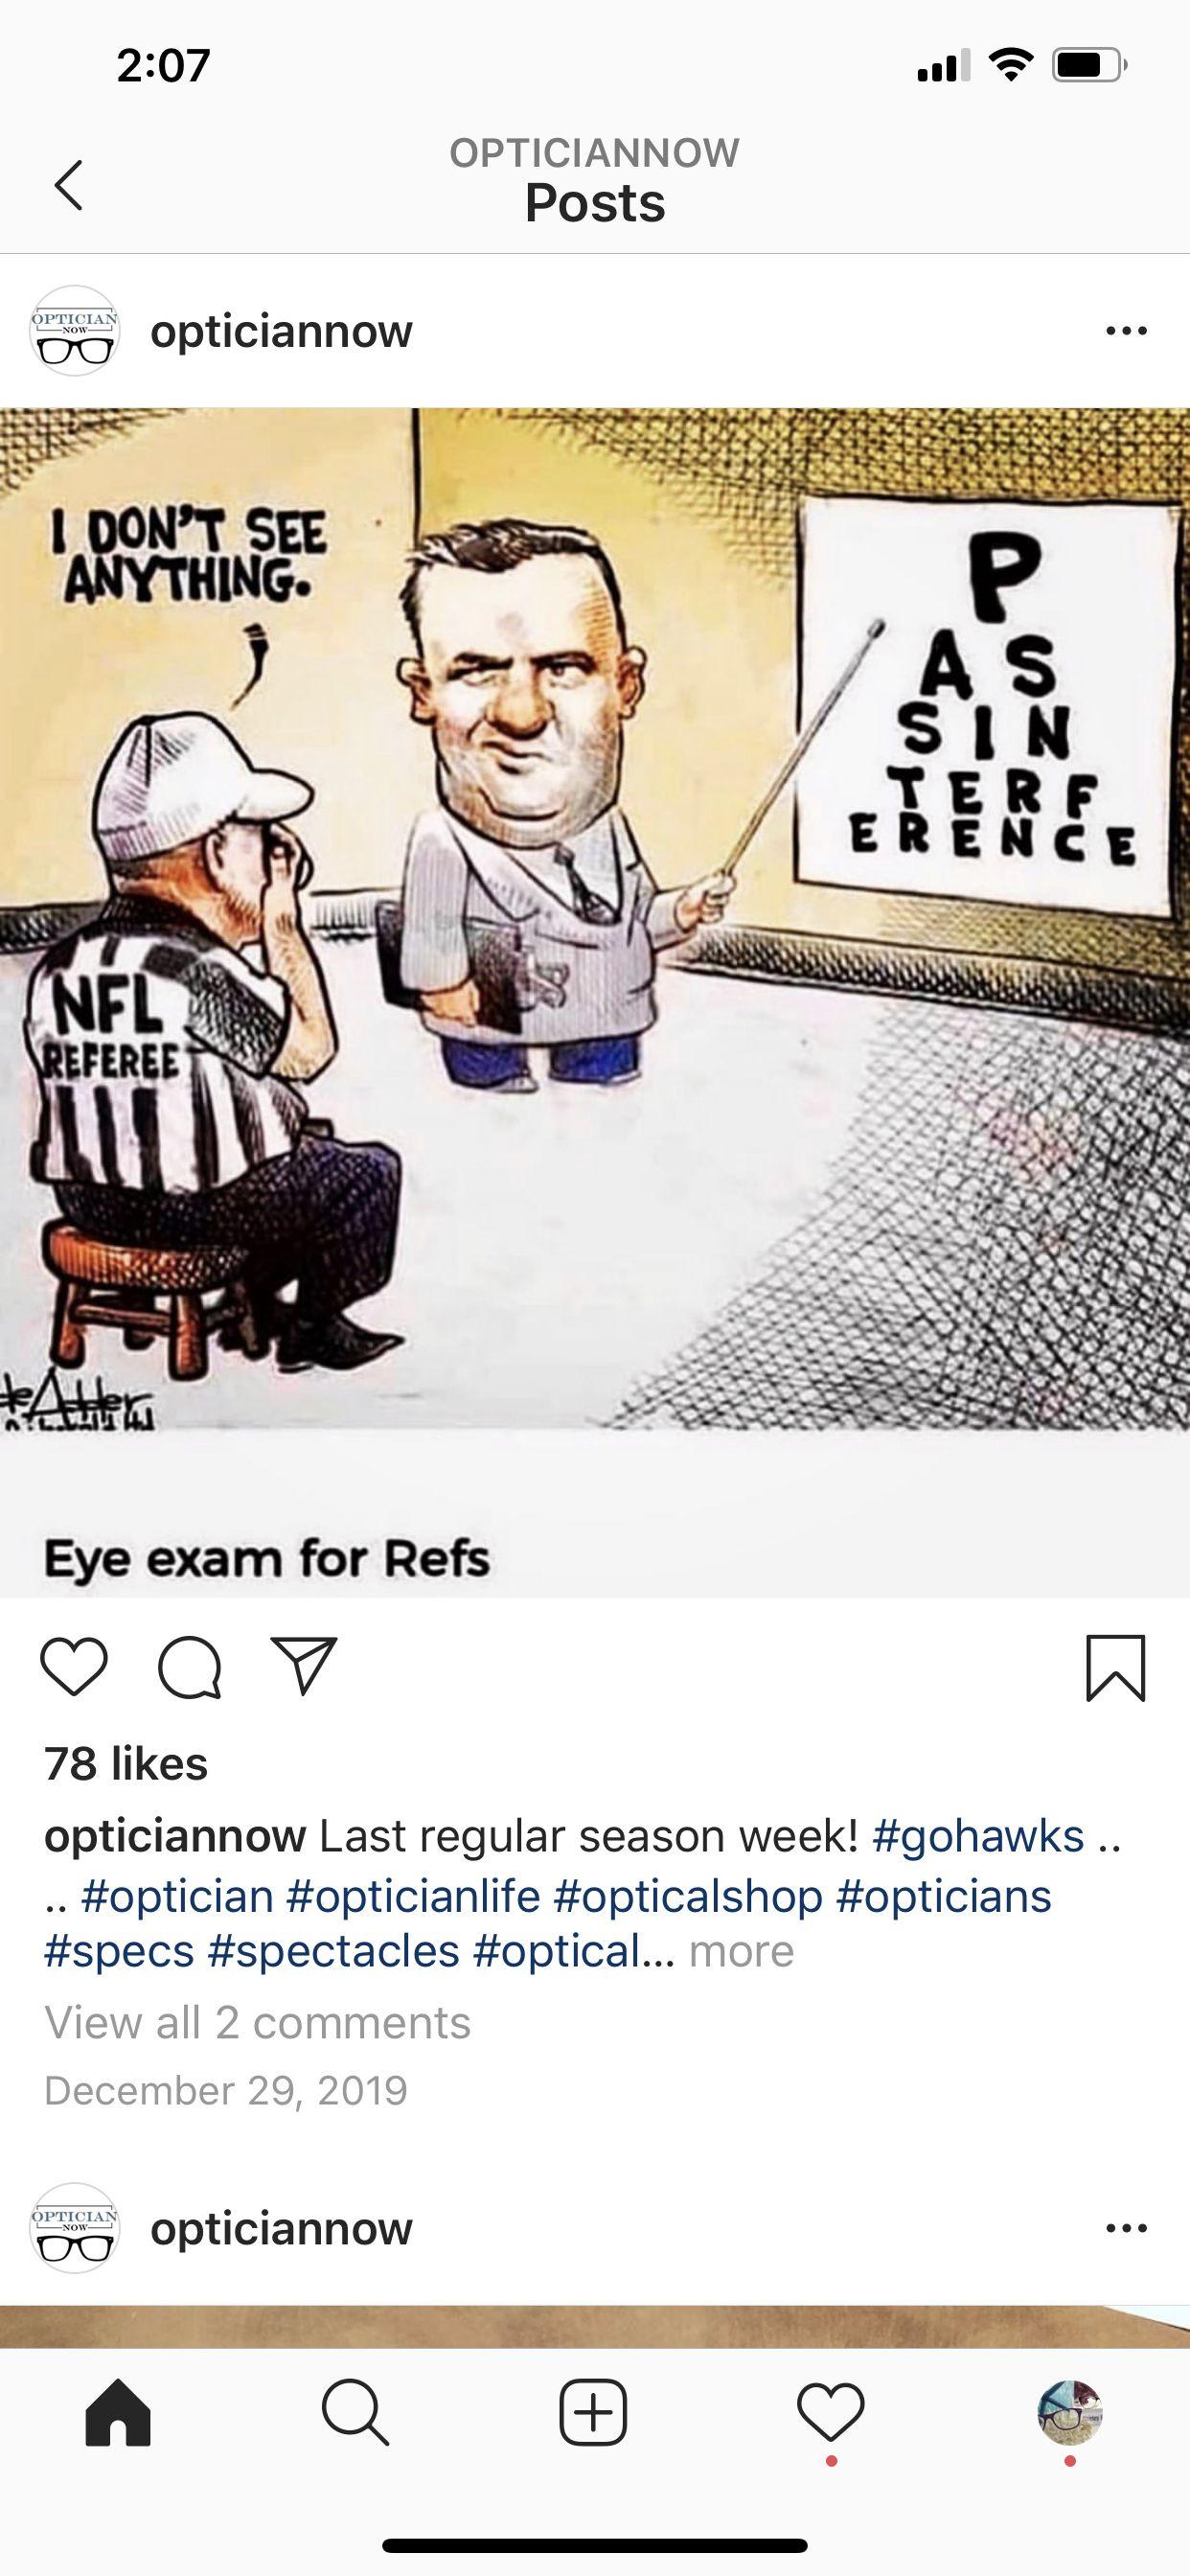 Pin by Joyce on Optometry humor in 2020 Optometry humor